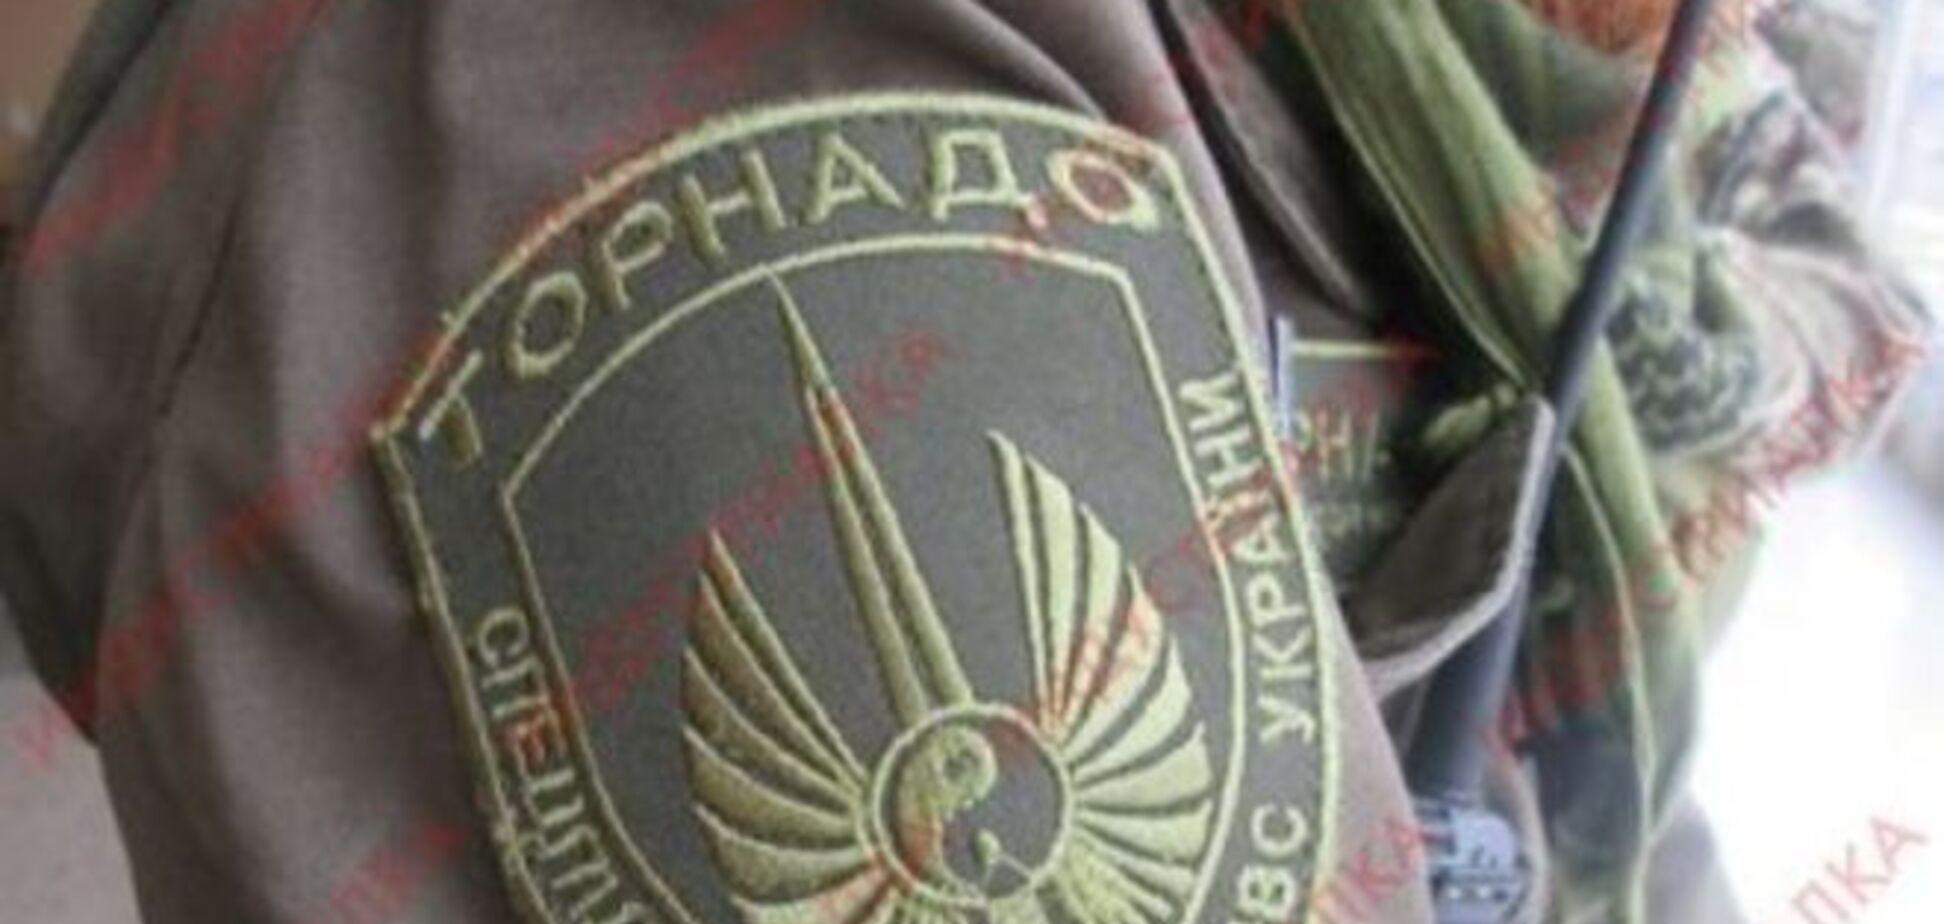 'Криса' в МВС 'злила' терористам телефони та адреси бійців батальйону 'Торнадо' - солдат Нацгвардії